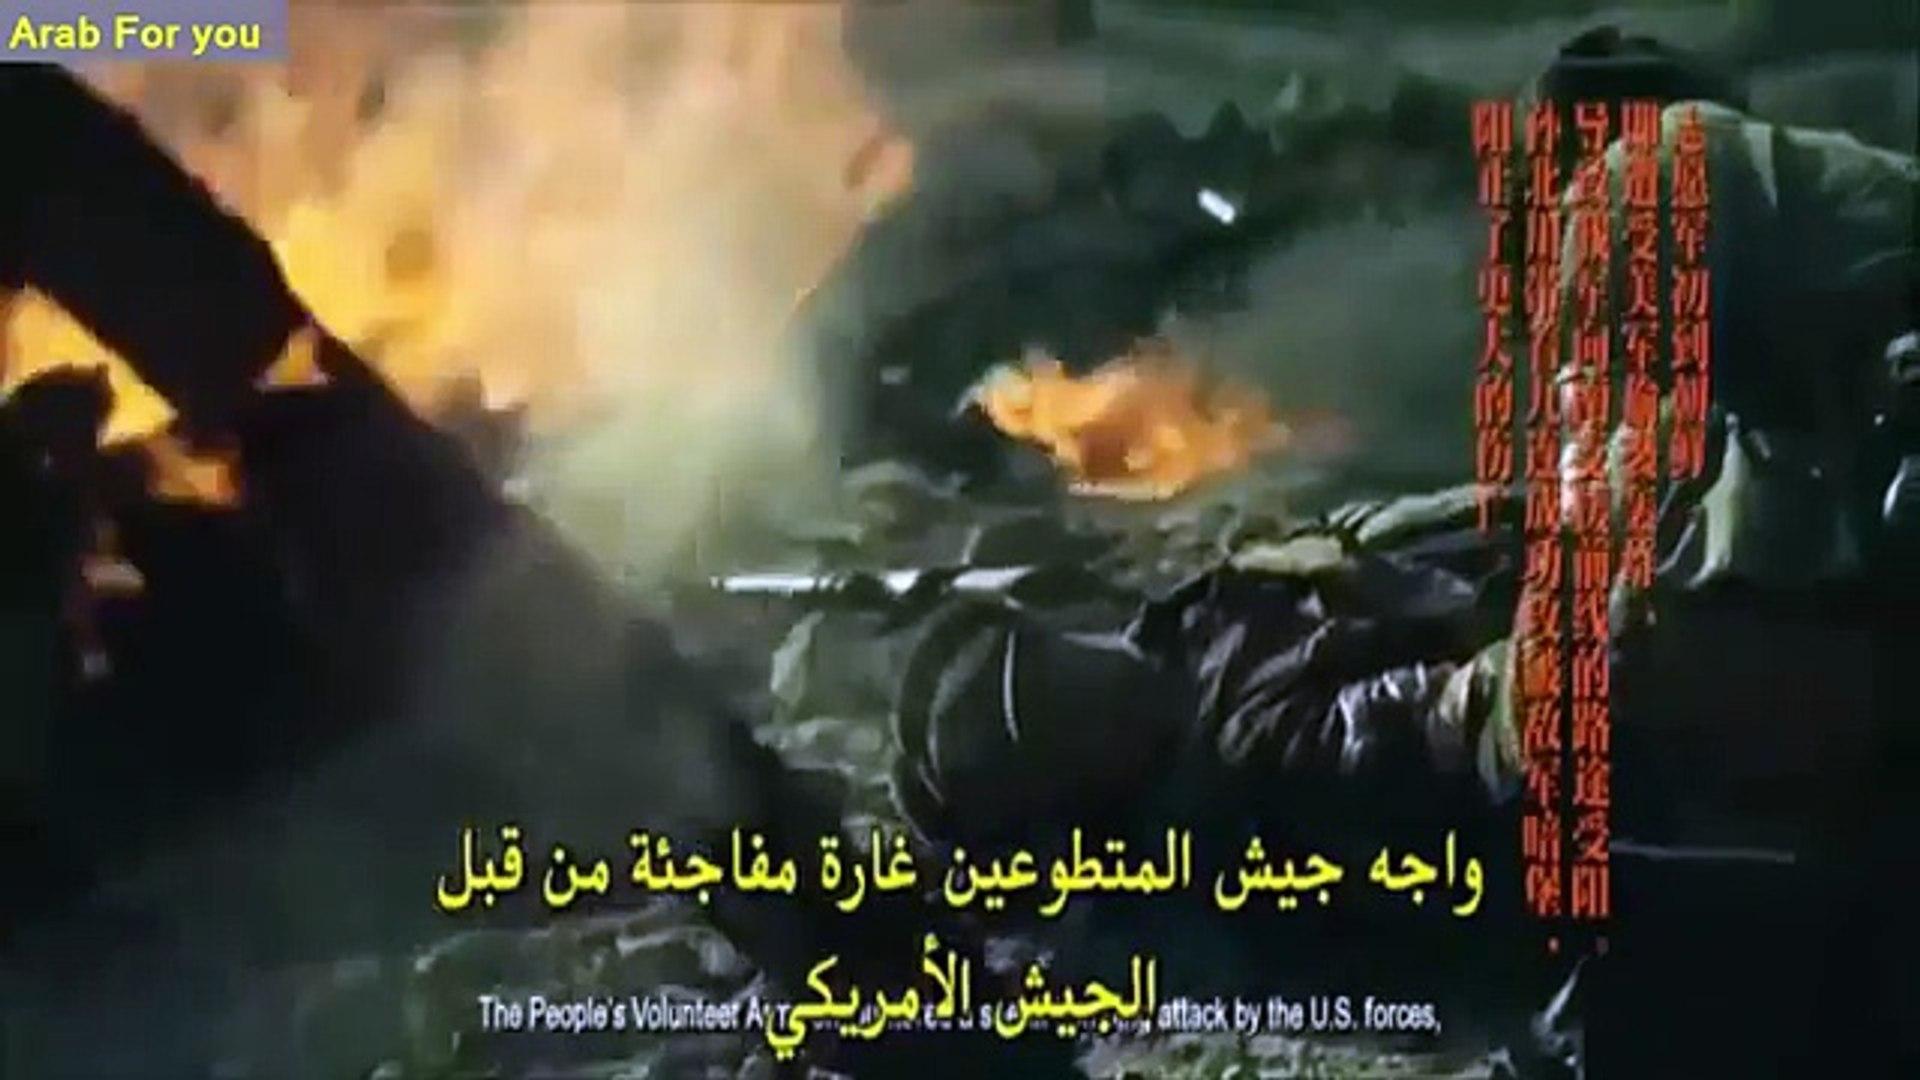 فيلم الاكشن والقتال الرهيب الحرب العالمية الثانية 2017 مترجم كامل بجودة عالية HD